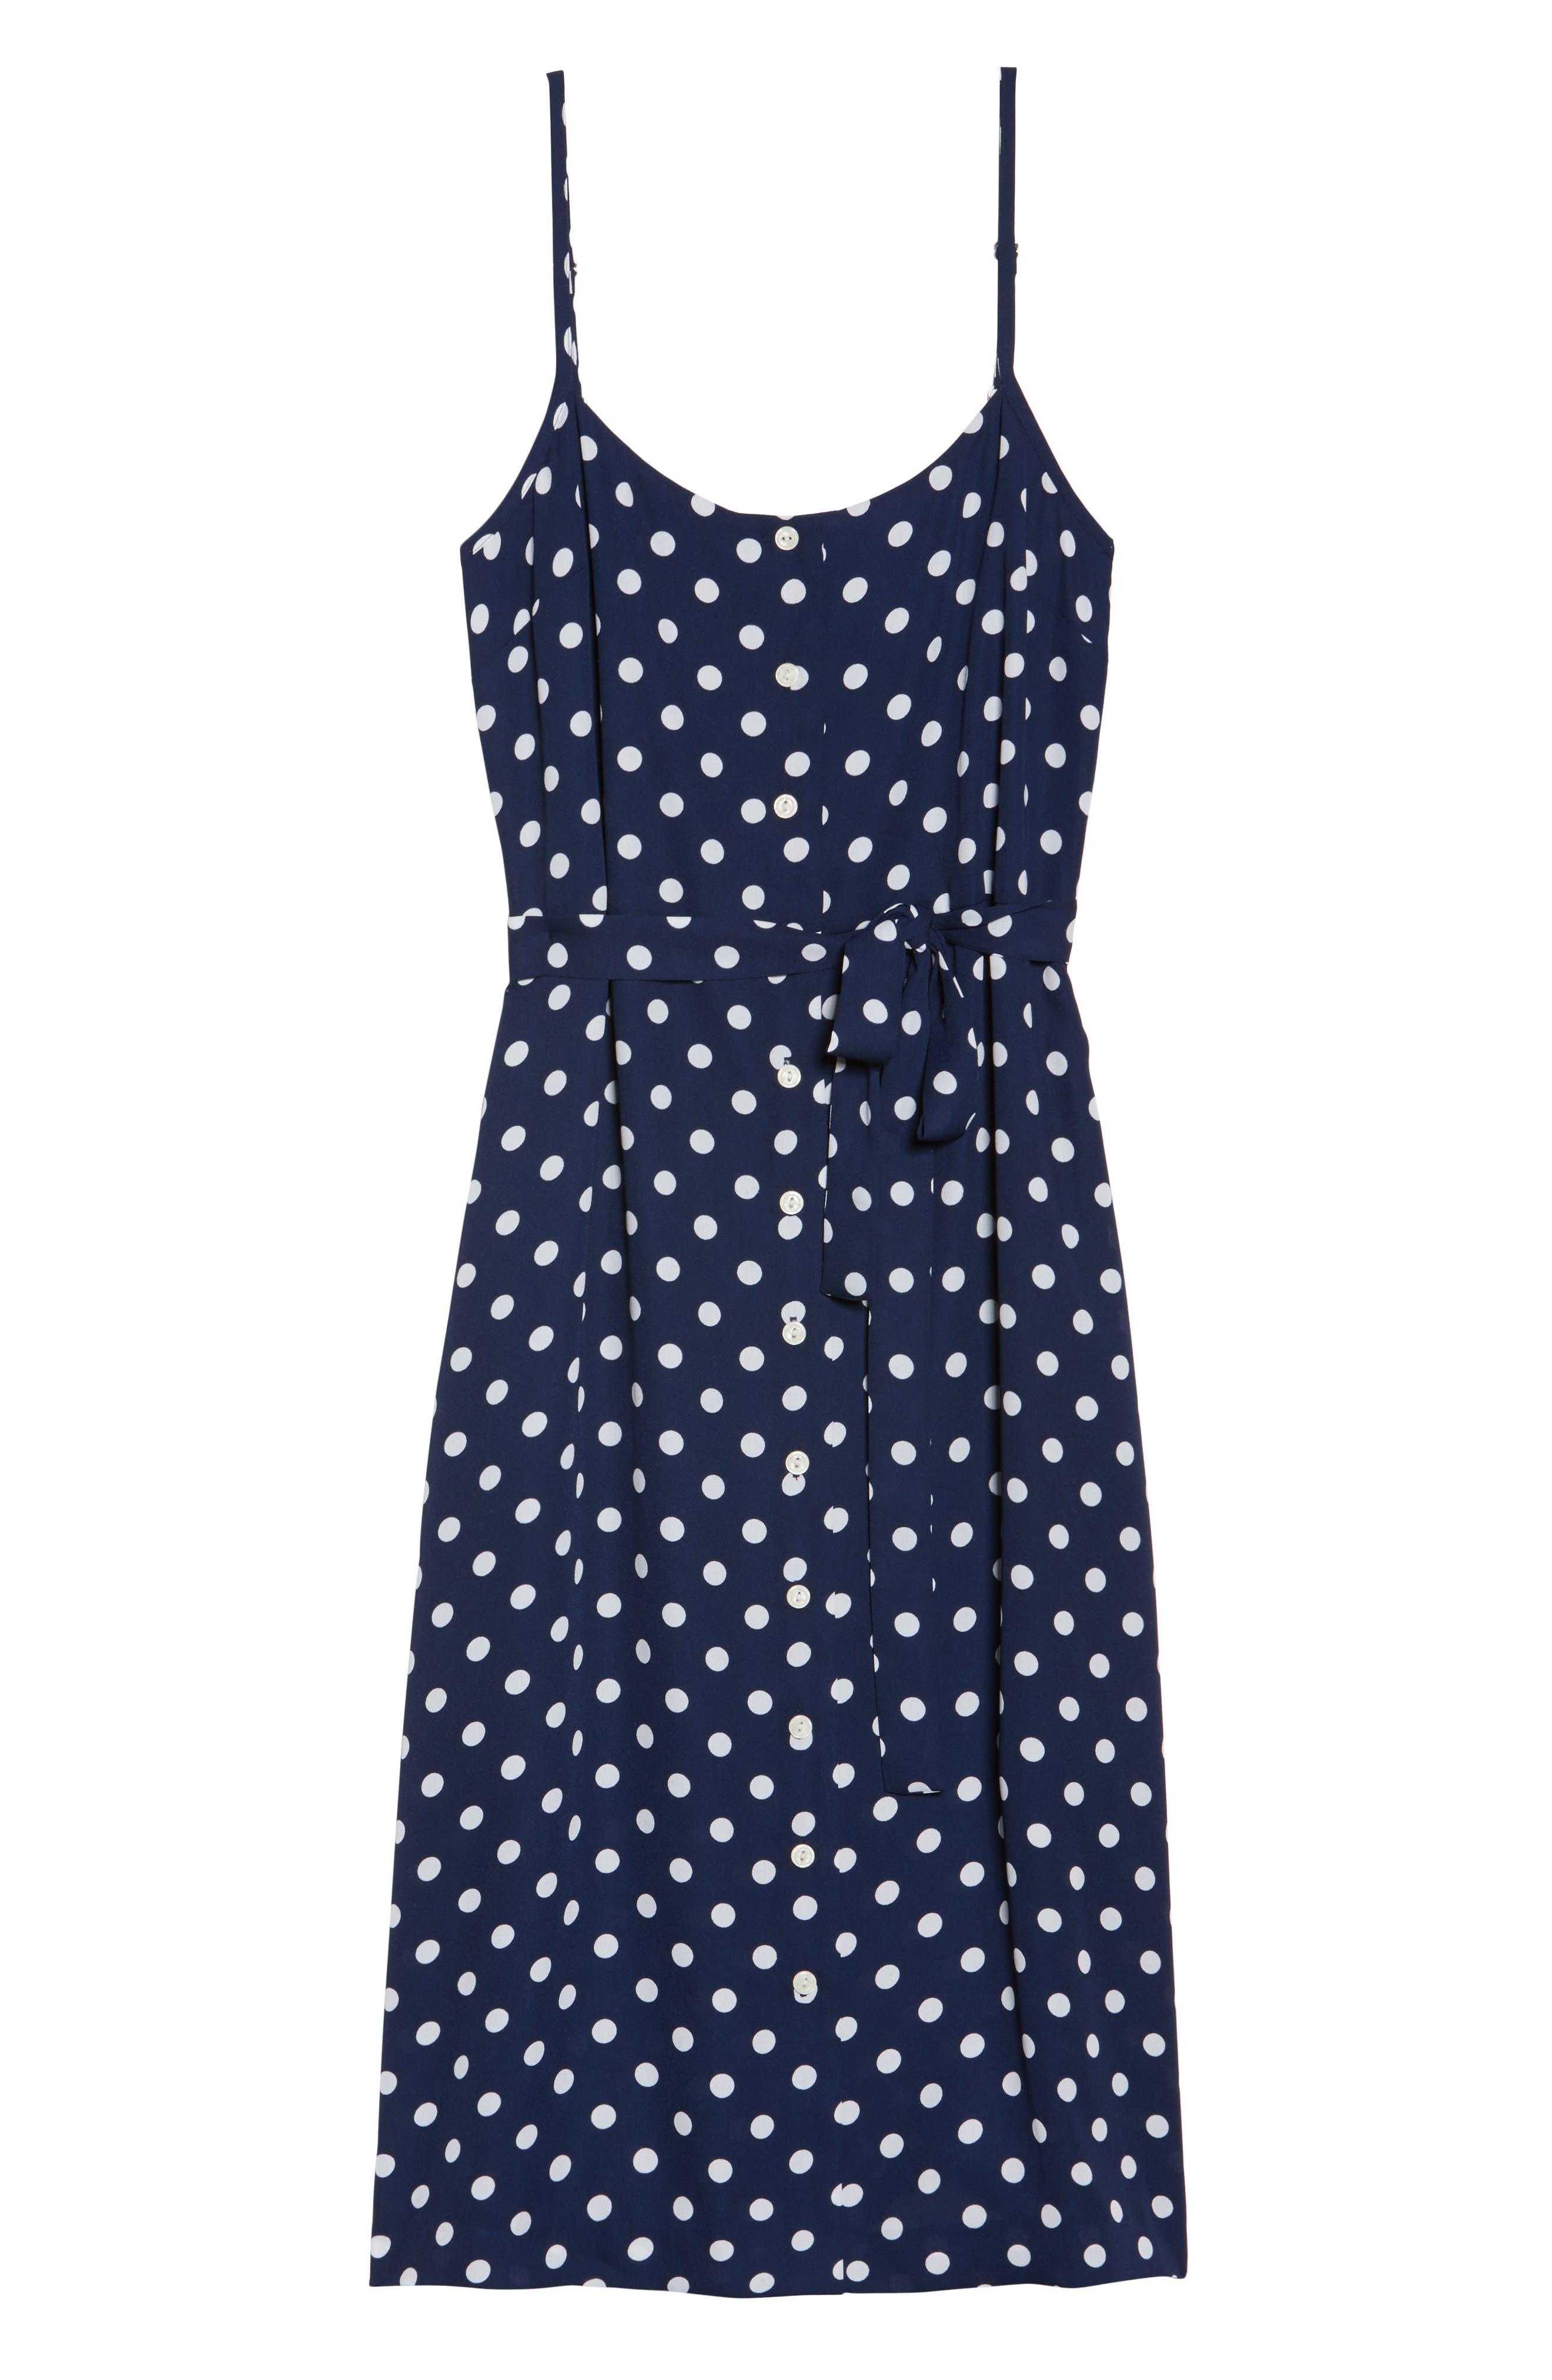 Flower Frolicking Midi Dress,                             Alternate thumbnail 7, color,                             Navy Polka Dot